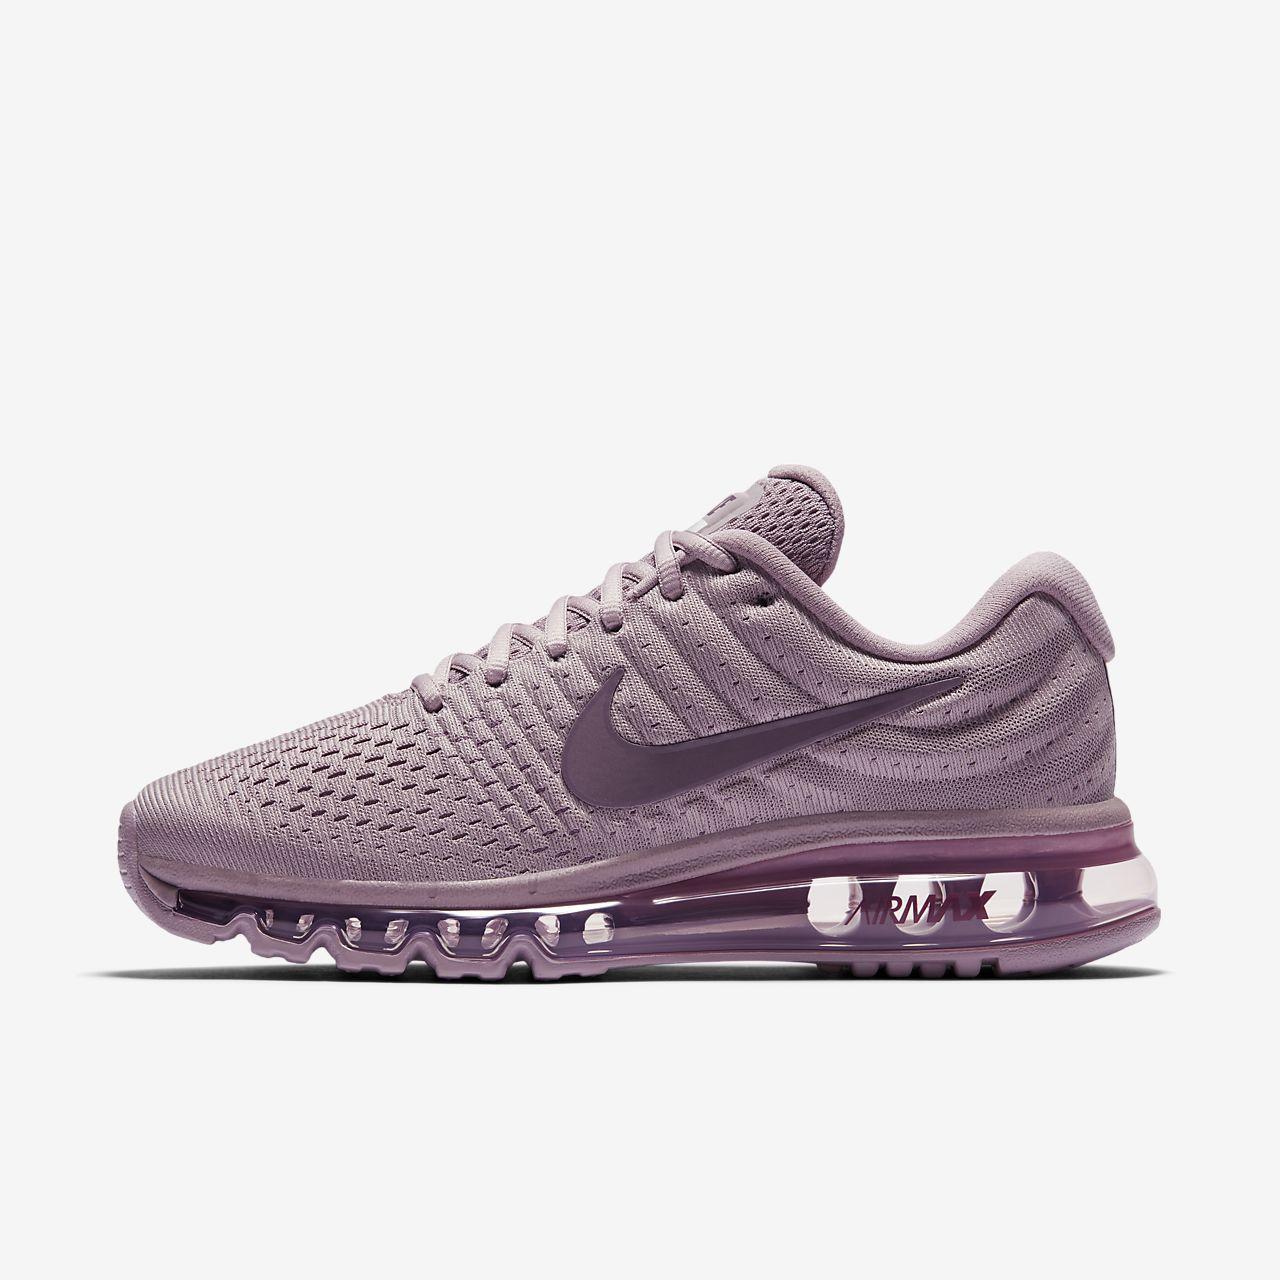 nike scarpe 2017 air max